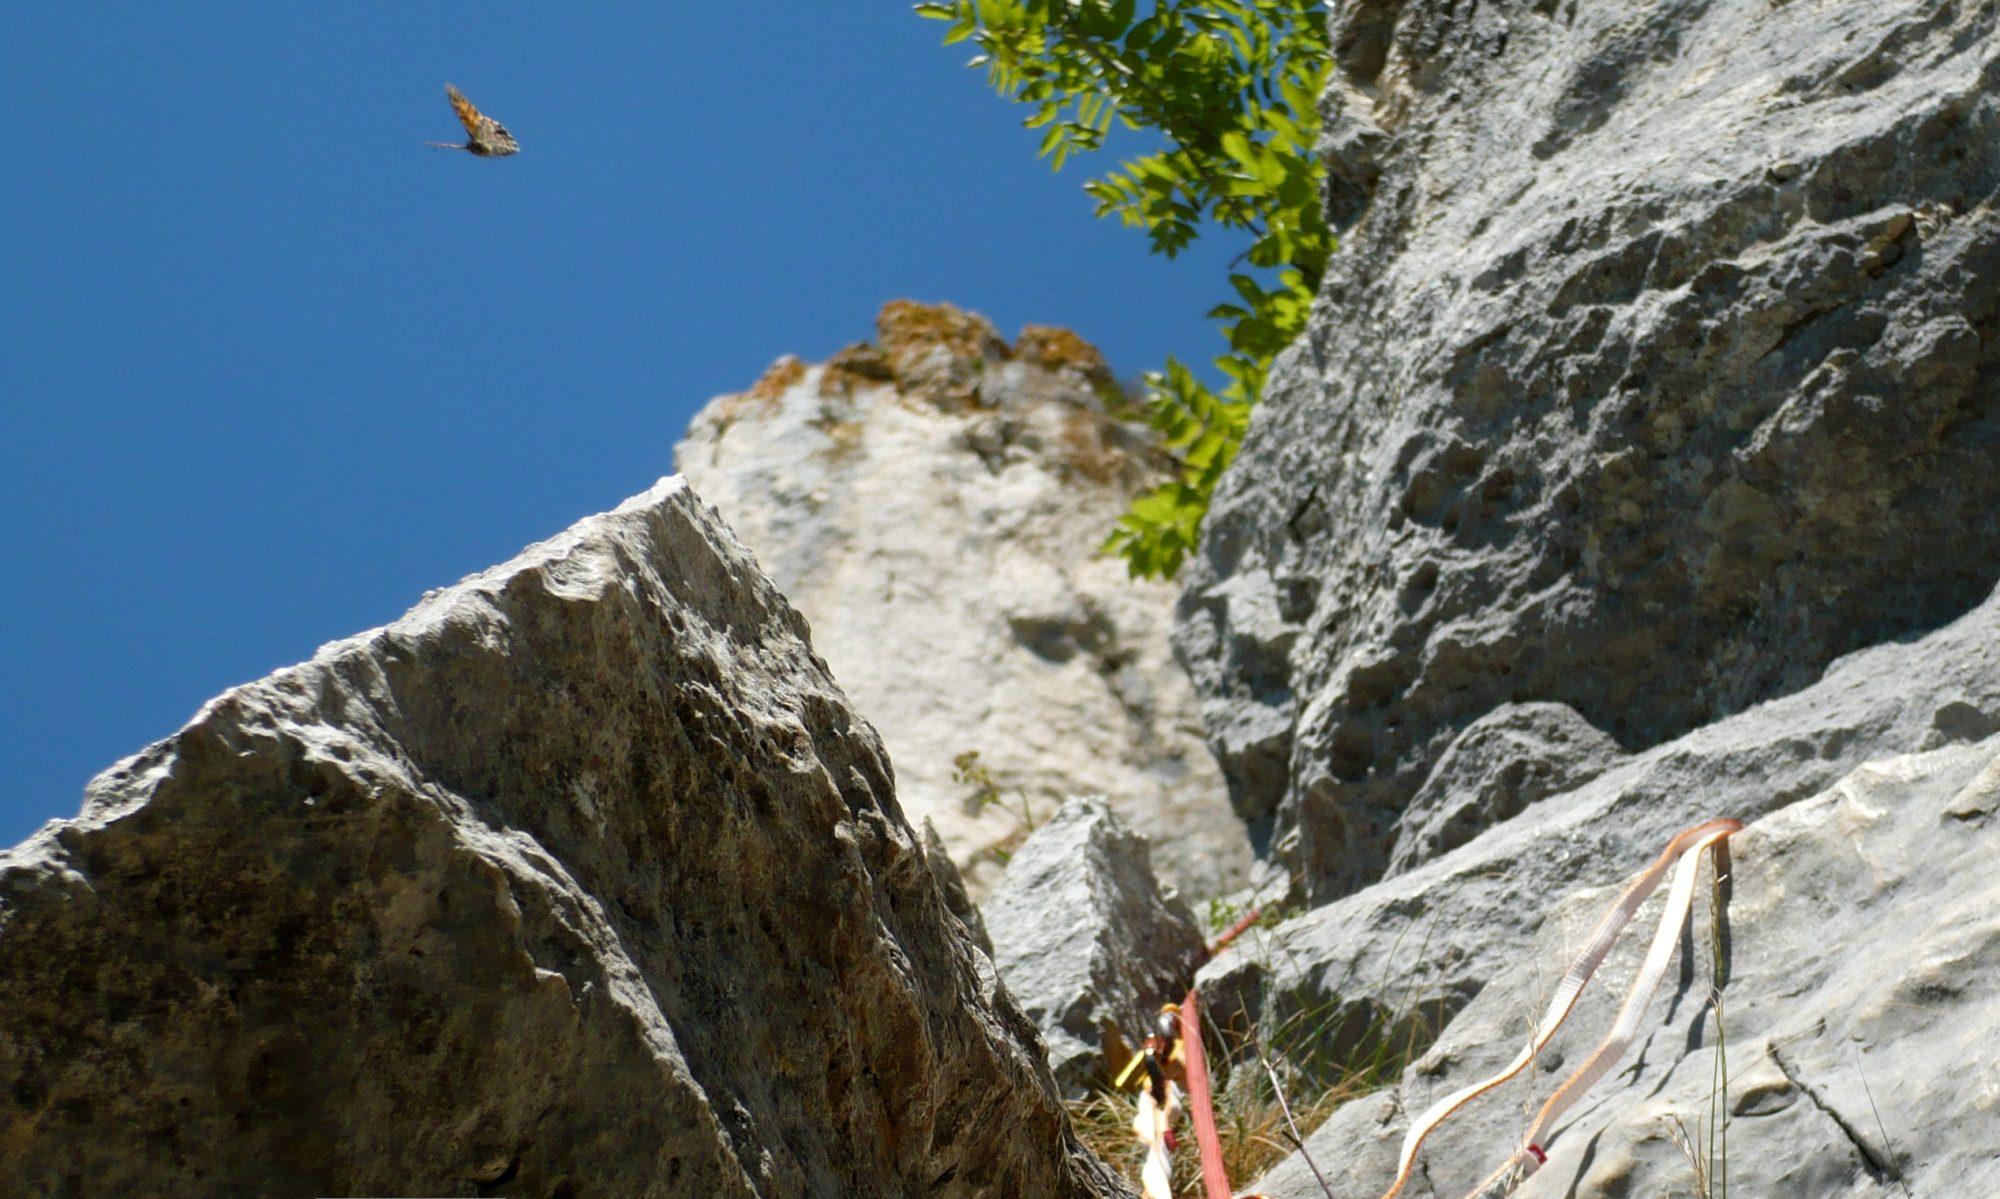 Ape Climbing